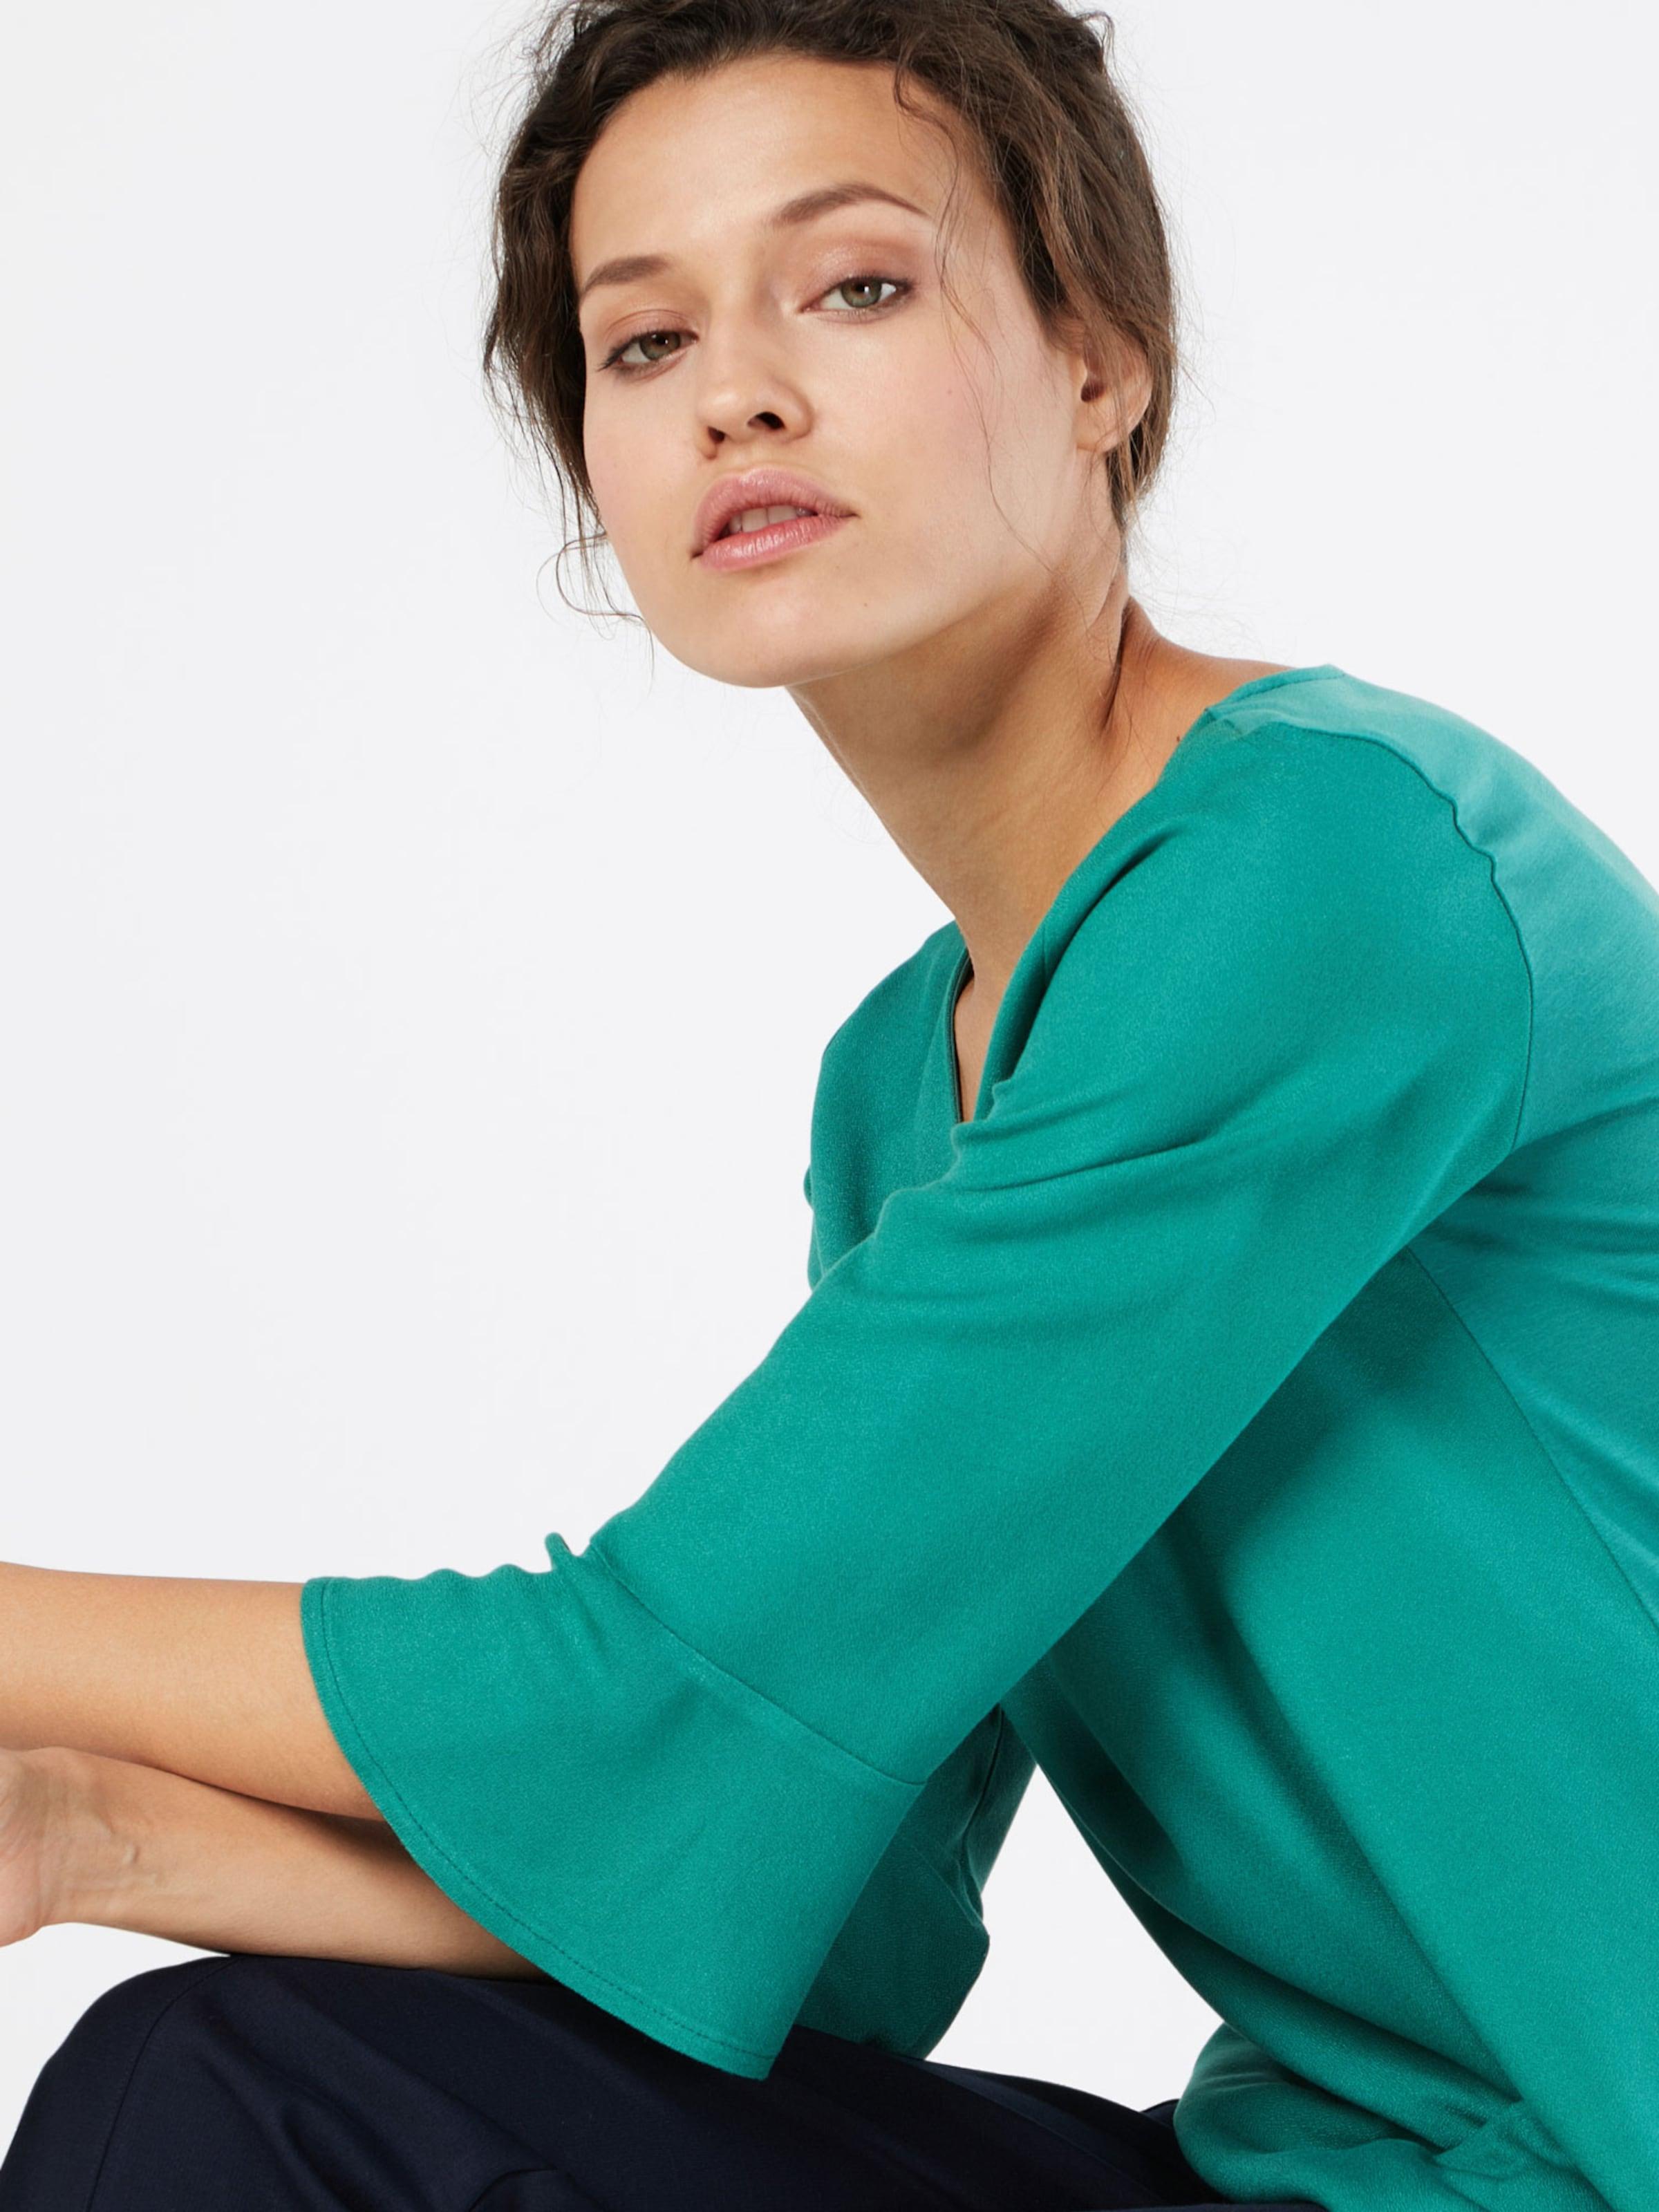 Billig Freies Verschiffen Outlet Großer Rabatt TOM TAILOR Sweatshirt 'Trendy Flounce' Online-Shop Aus Deutschland Günstiges Online-Shopping Vermarktbare Online Qs1AkeLhY2